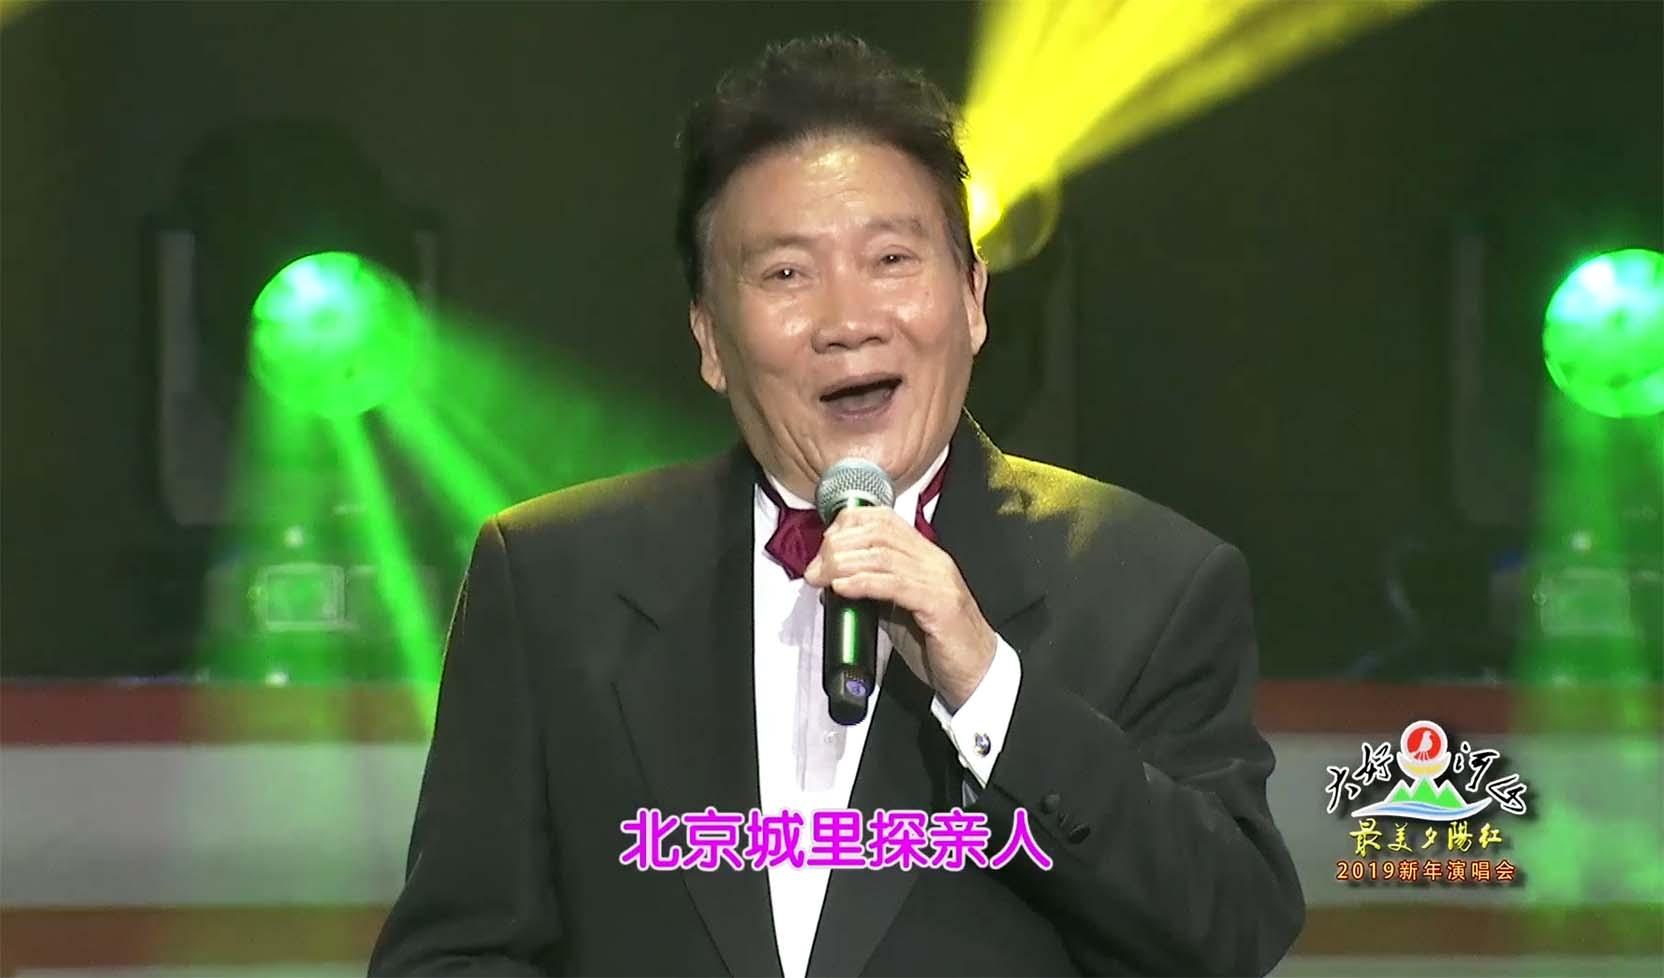 """大好河山2019""""最美夕阳红""""新年公益晚会 歌曲《挑担茶叶上北京》姜嘉锵"""